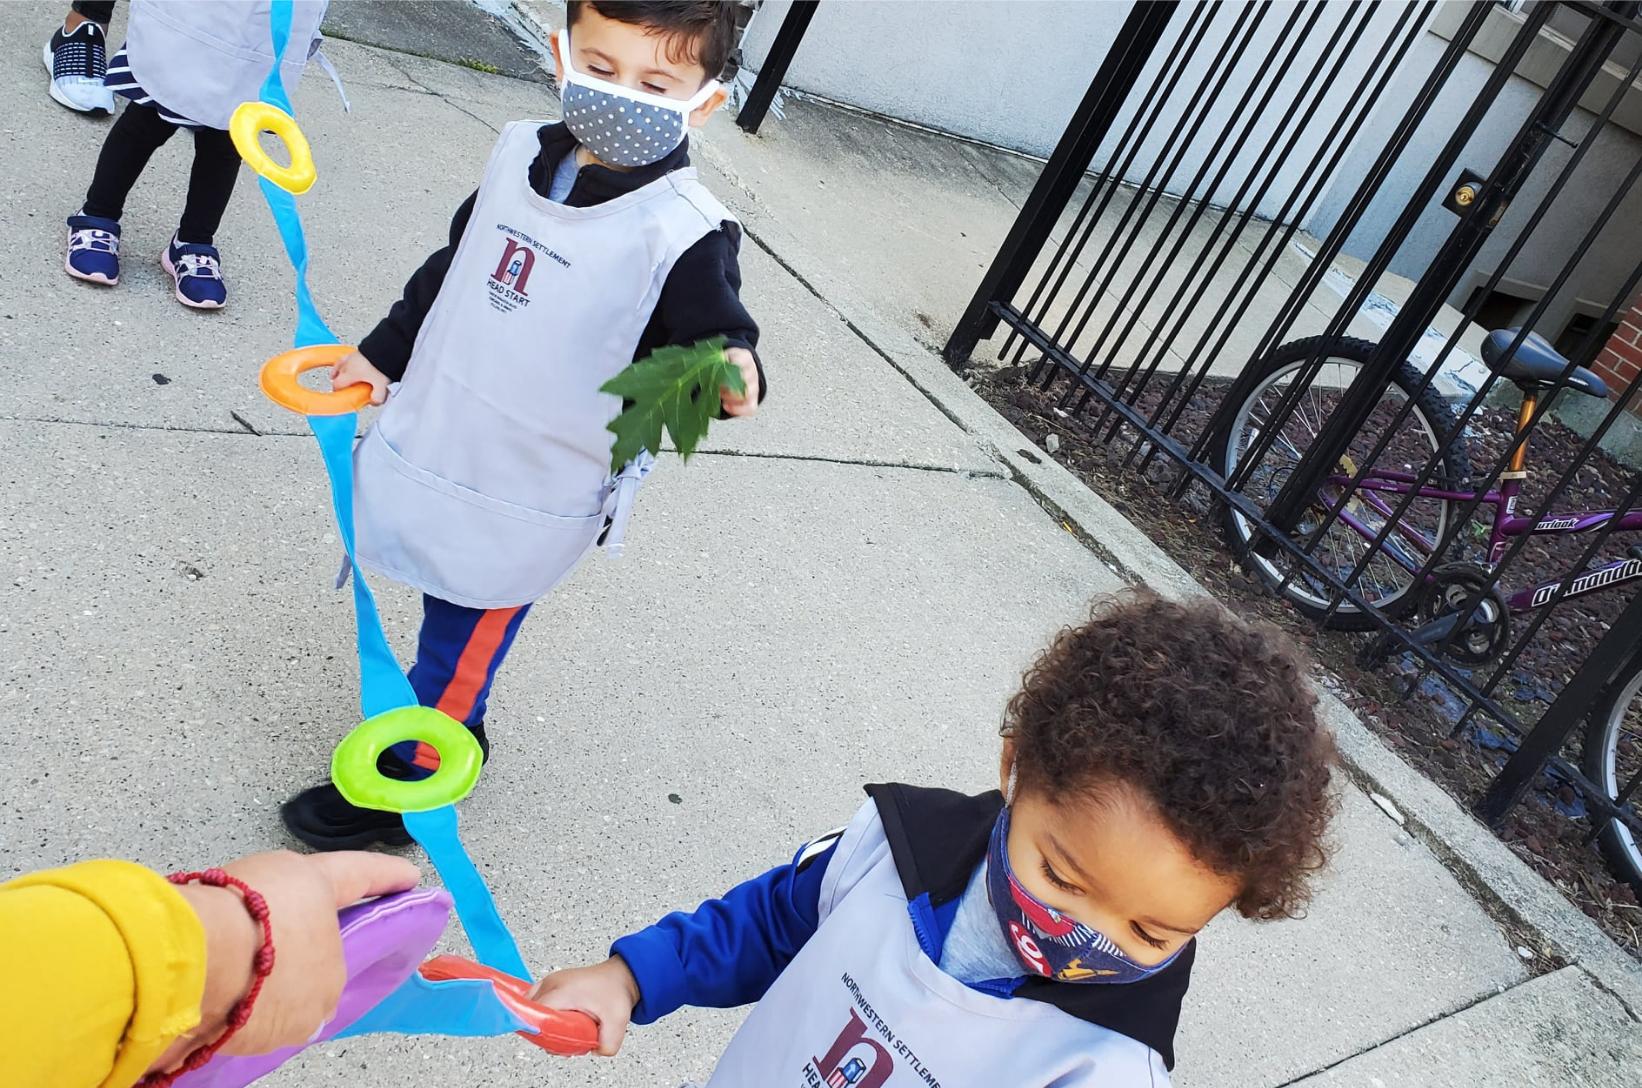 Young children wearing masks walk down the sidewalk